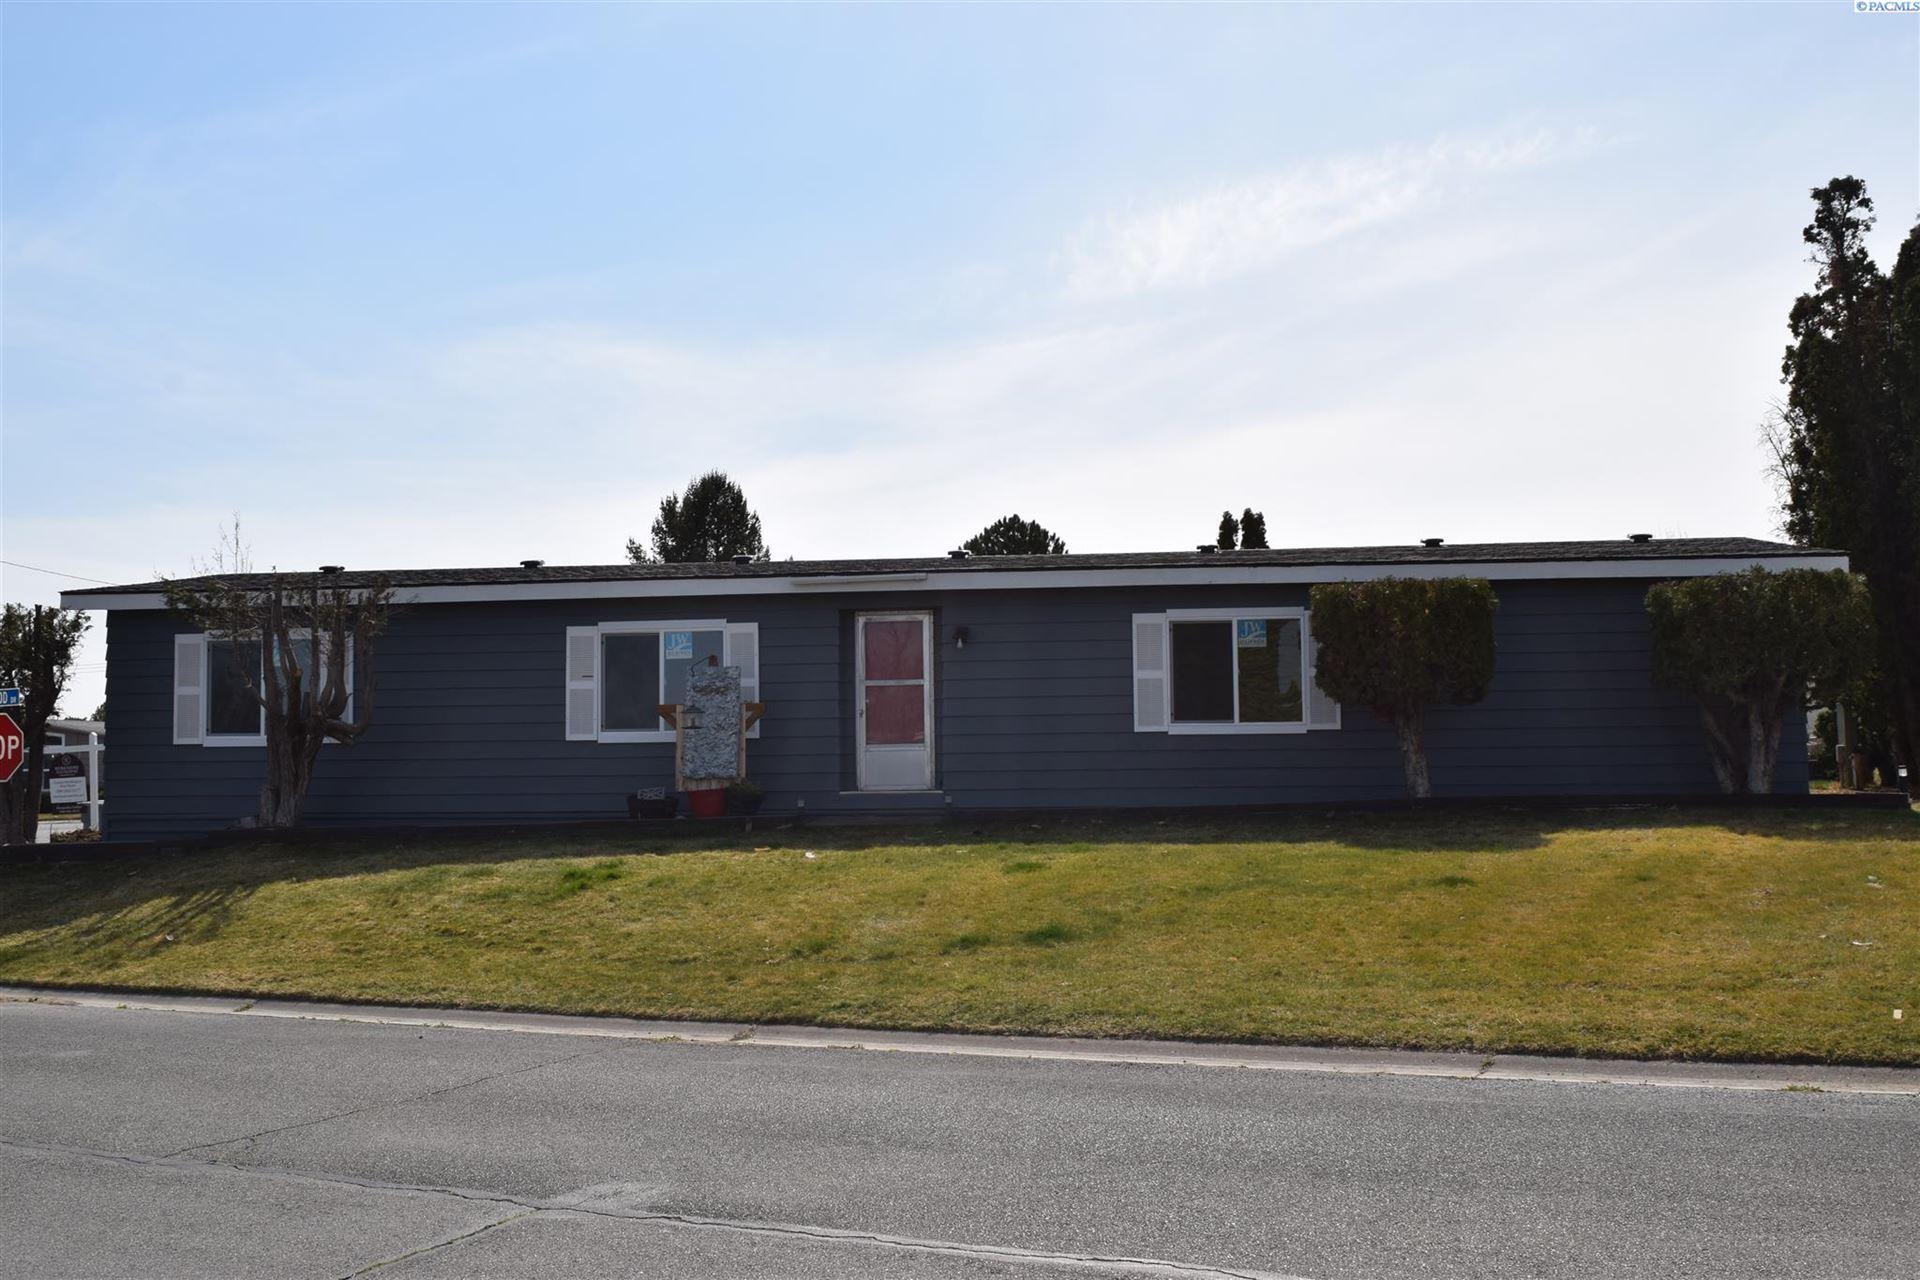 Photo of 236 Skyline Drive #236, Richland, WA 99352 (MLS # 250890)